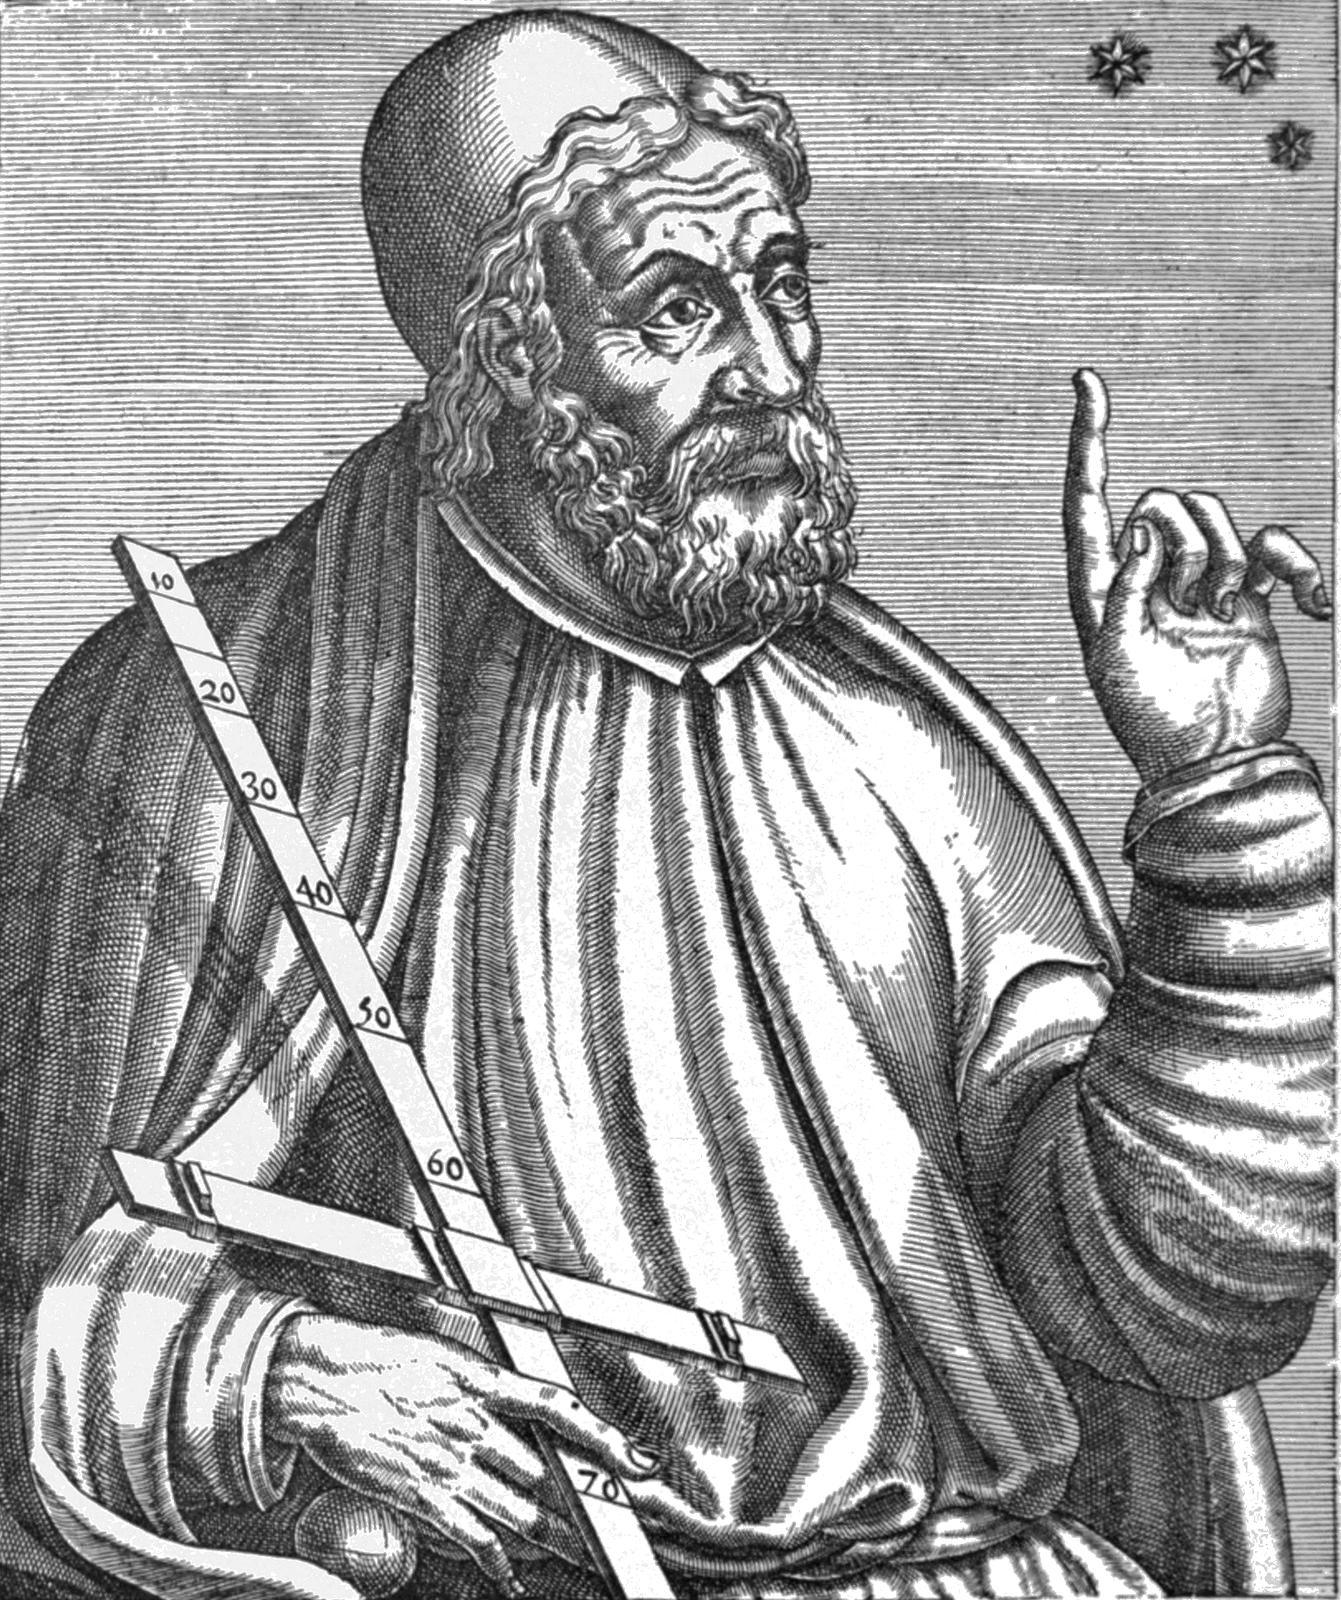 Ilustracja przedstawia Klaudiusza Ptolemeusza. Na rysunku mężczyzna wwieku ok. 60-70 lat Falujące włosy, gęsta, krótka broda. Nos prosty. Na czole widoczne poziome zmarszczki. Lewa ręka uniesiona zwyciągniętym palcem wskazującym. Mężczyzna ubrany wluźne szaty.